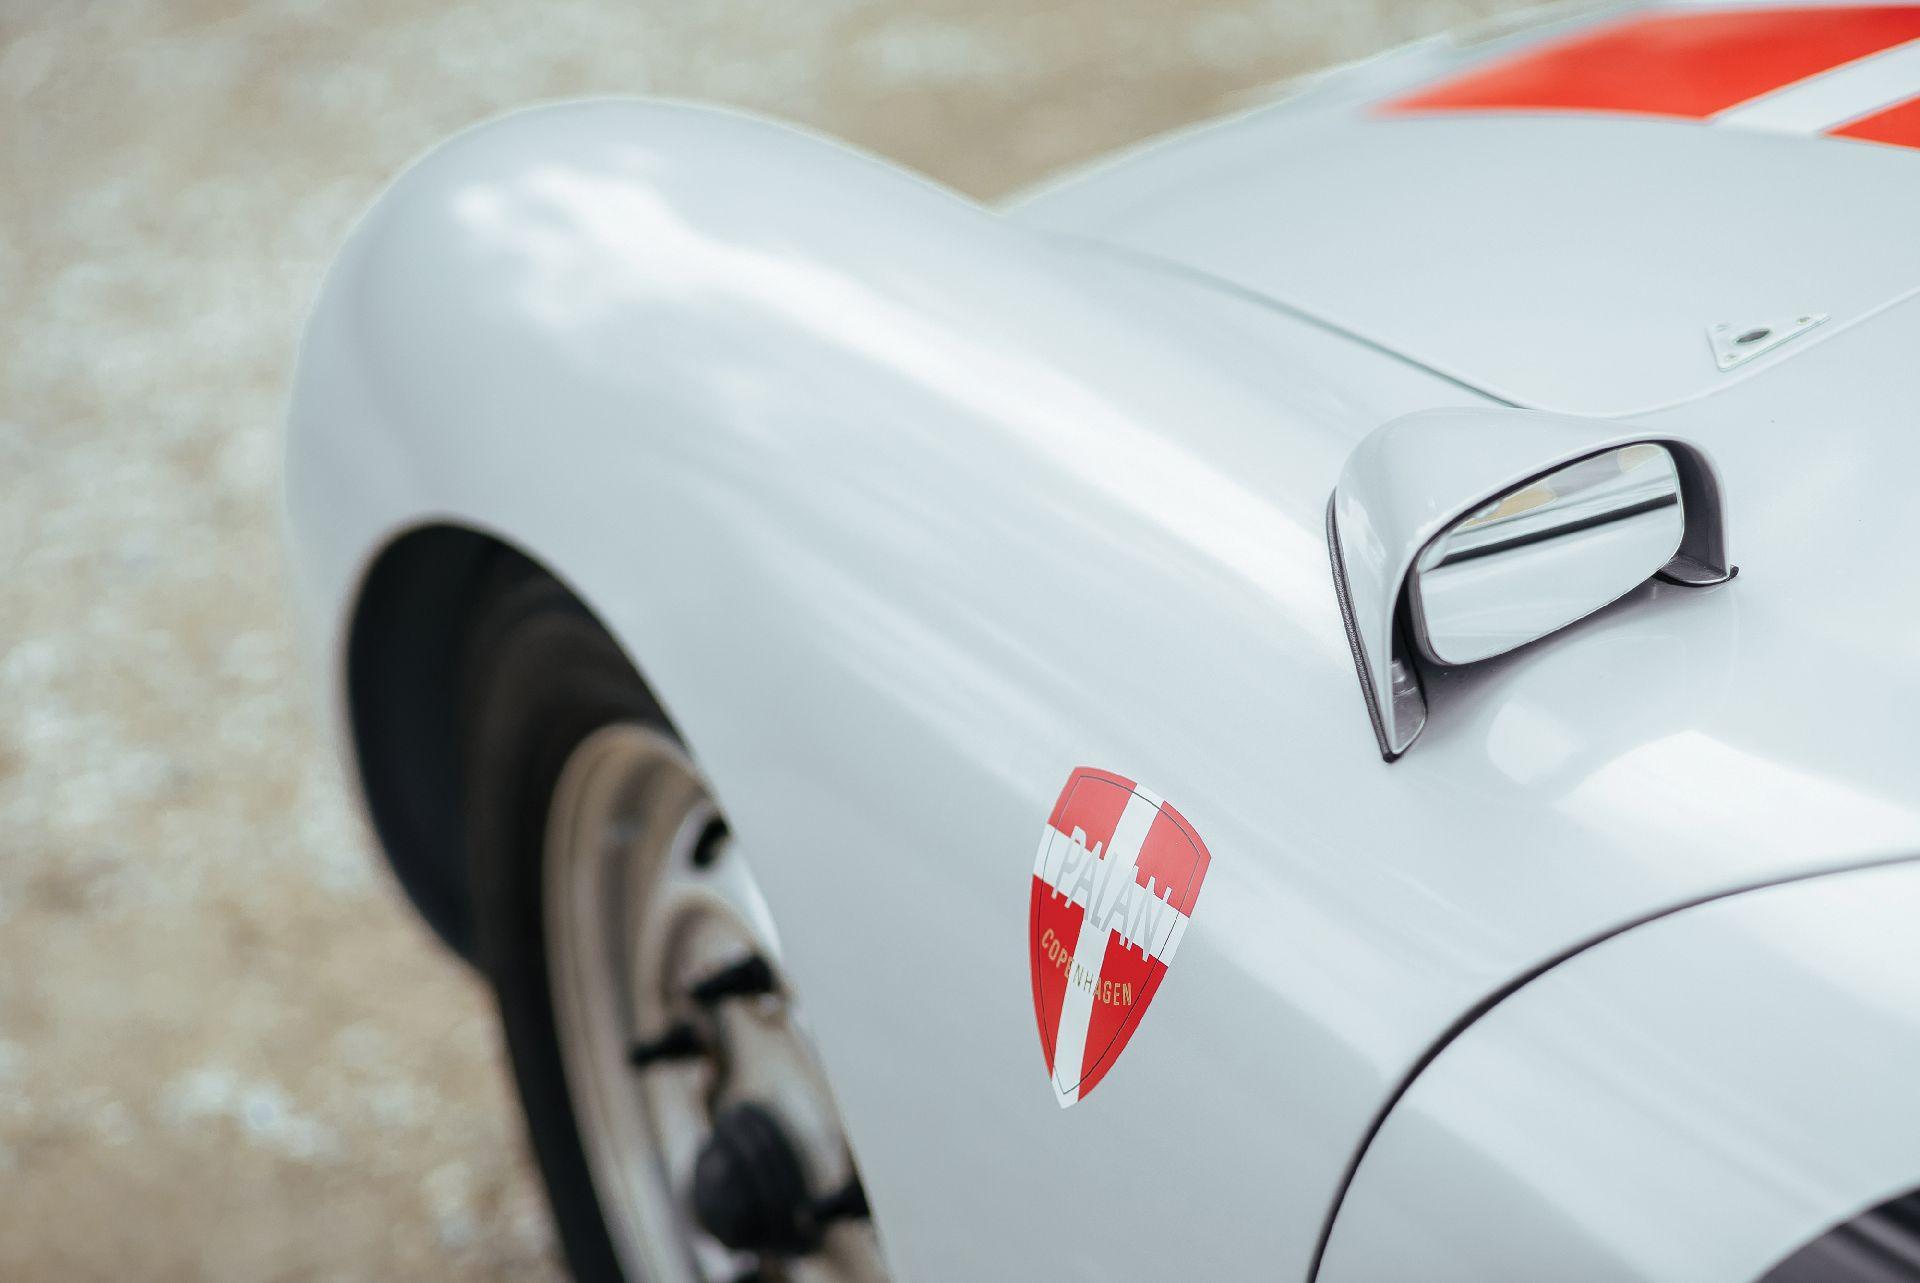 Hàng hiếm Porsche 50 năm tuổi vừa được chốt giá triệu đô - Hình 6